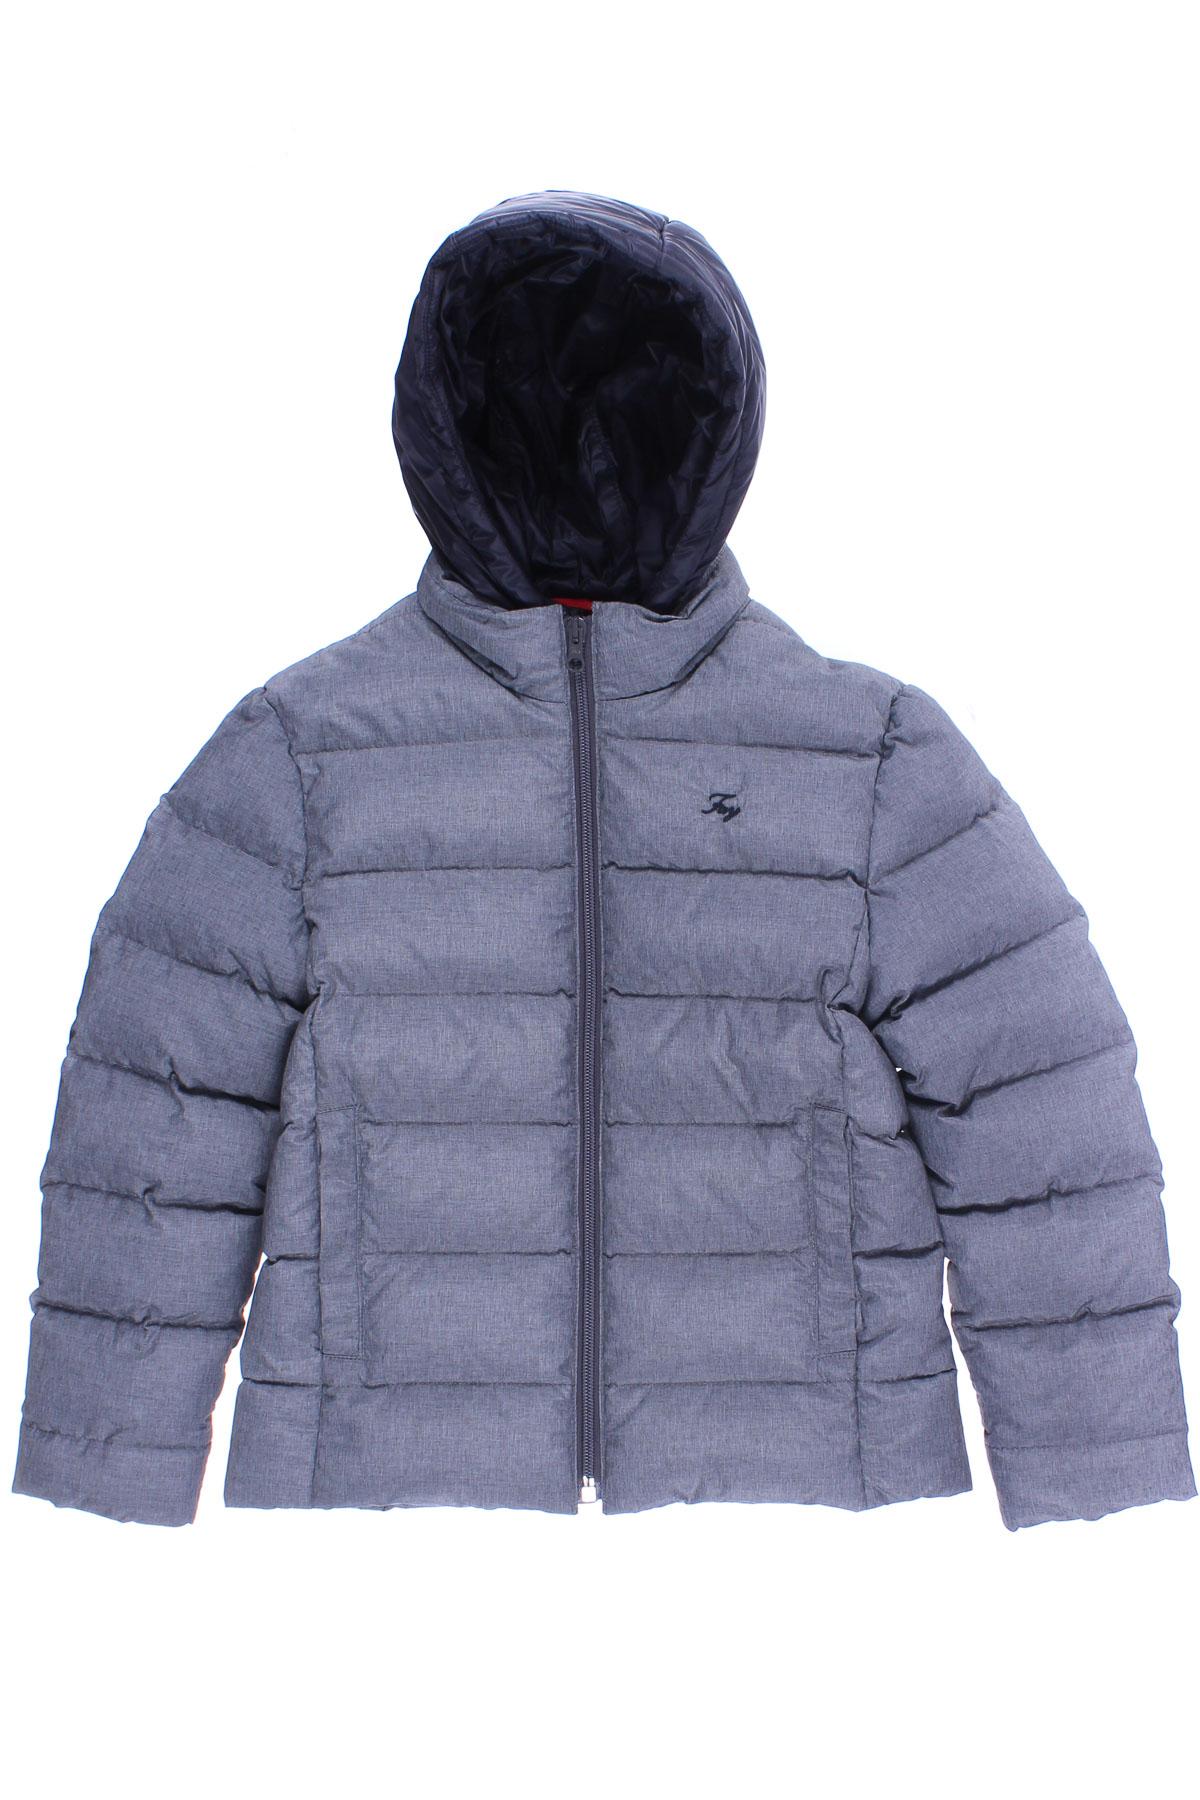 prezzo competitivo dfd23 5382b Giubbino nylon bicolore